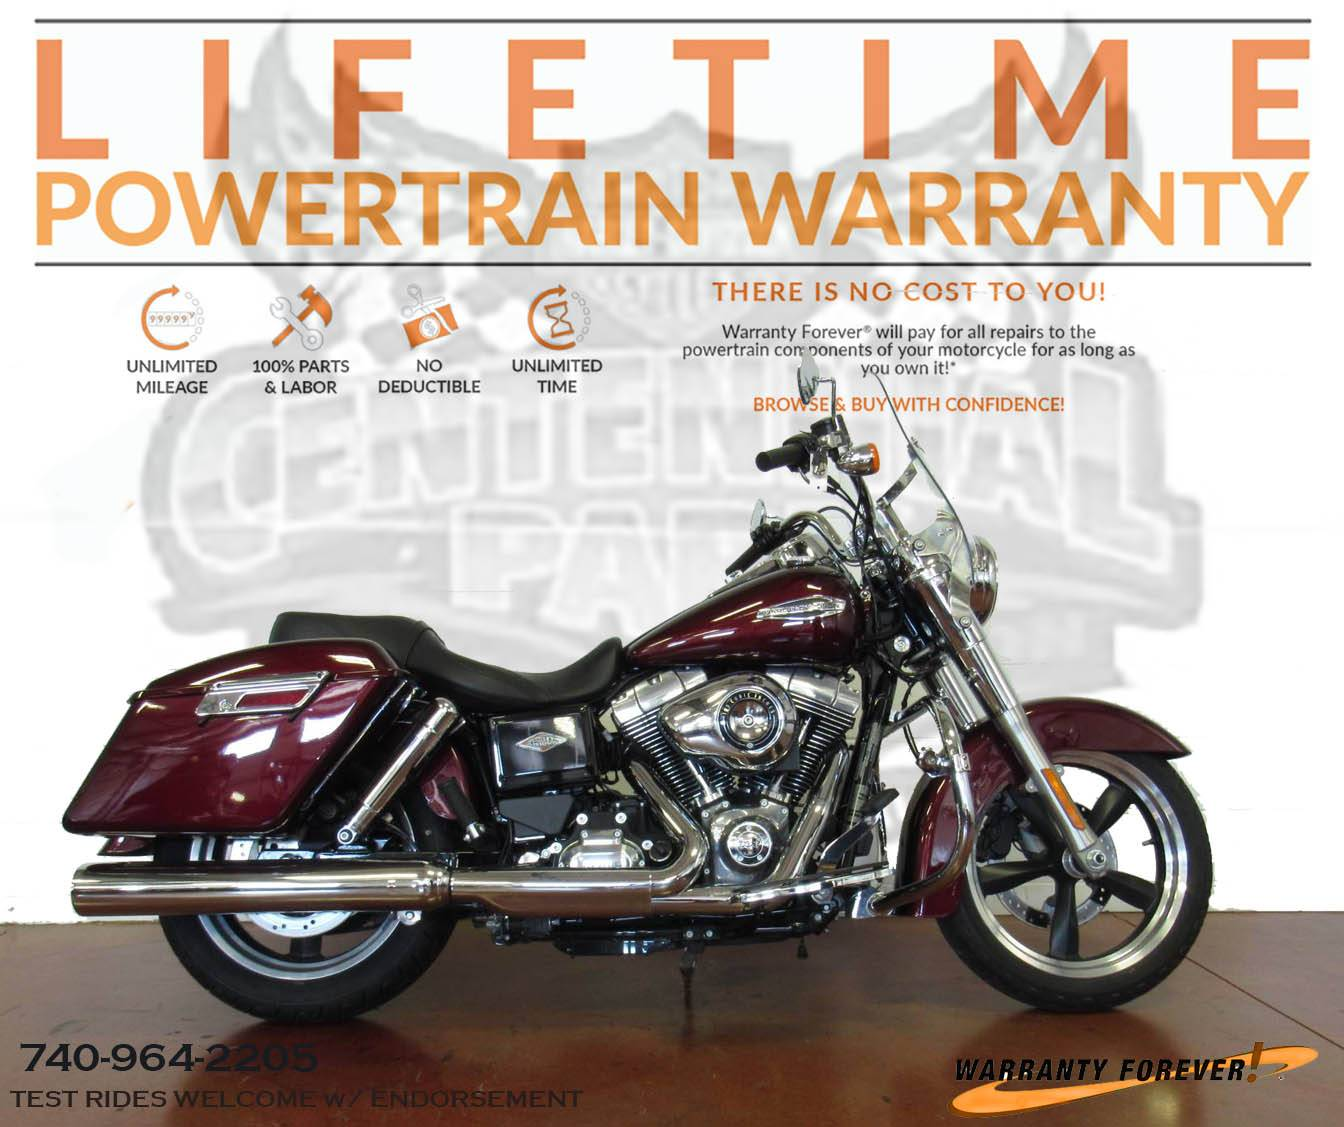 b06a9724c 2015 Harley-Davidson Switchback™ Motorcycles Sunbury Ohio